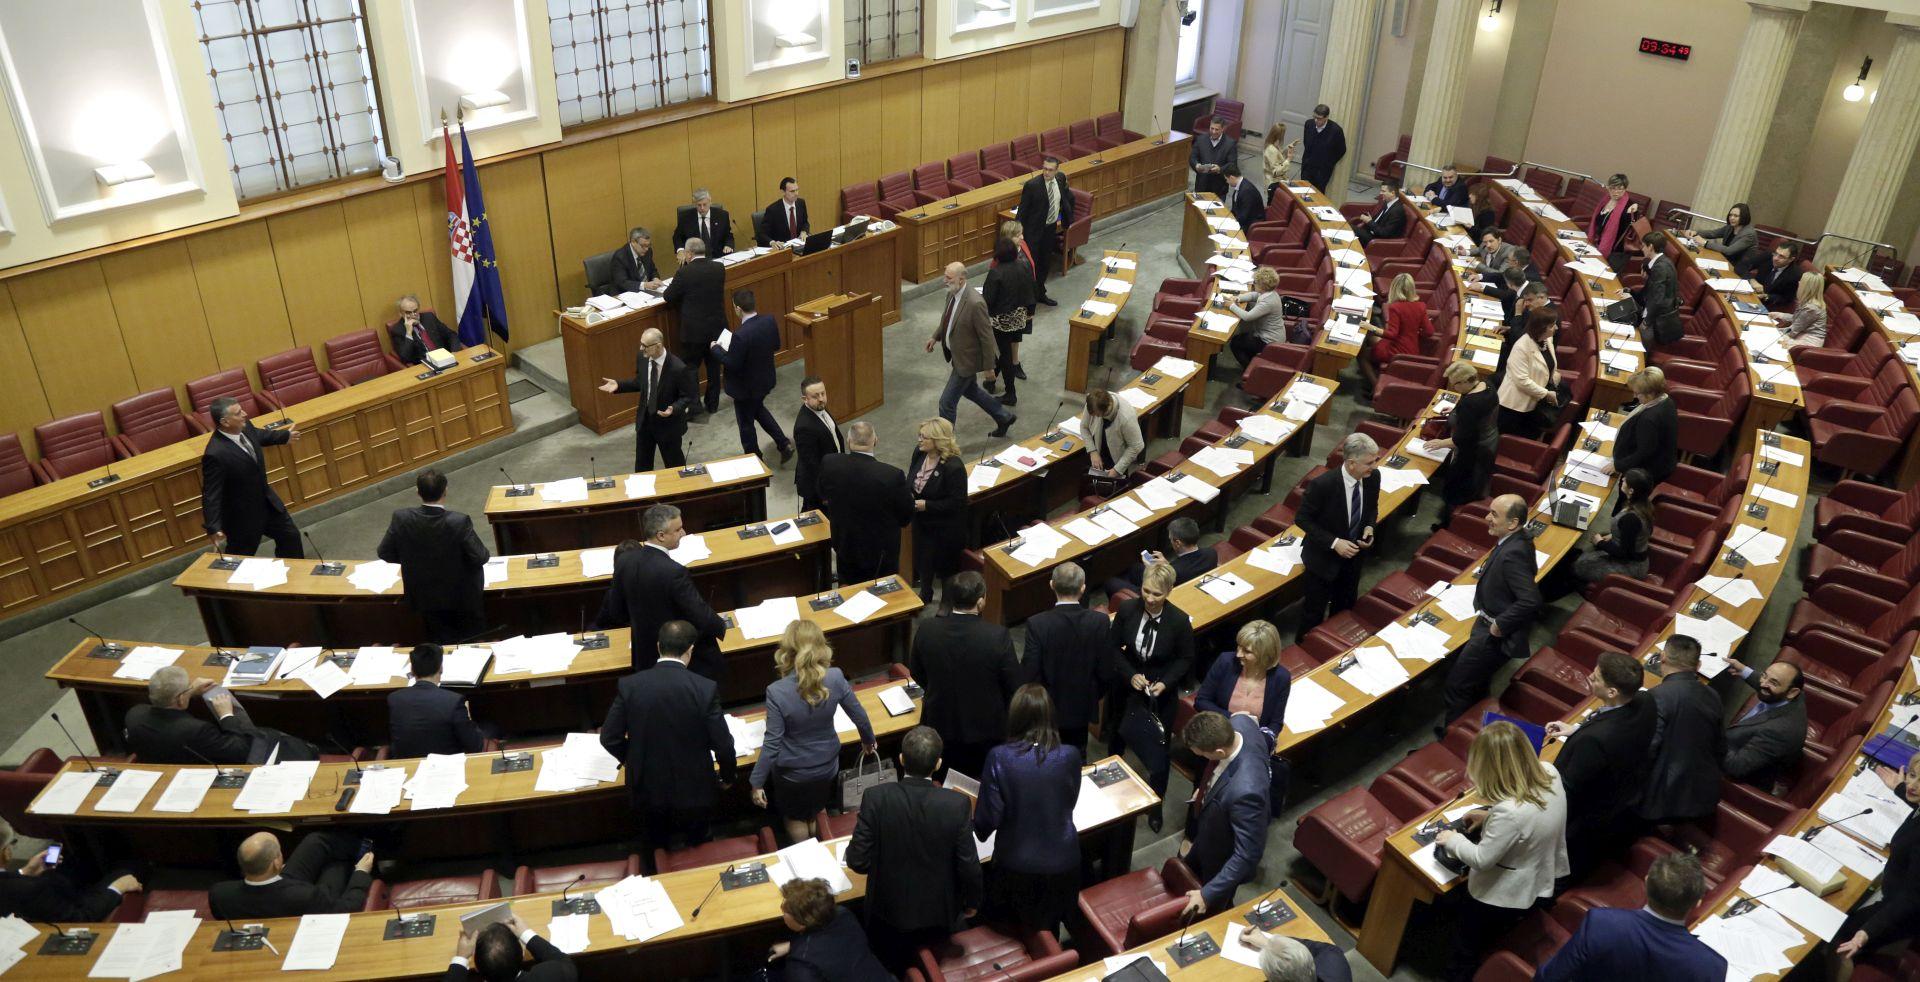 SDP I HNS NEZADOVOLJNI NAČINOM RADA Sabor objedinjeno raspravlja o Radmanovu razrješenju i Kovačićevu imenovanju